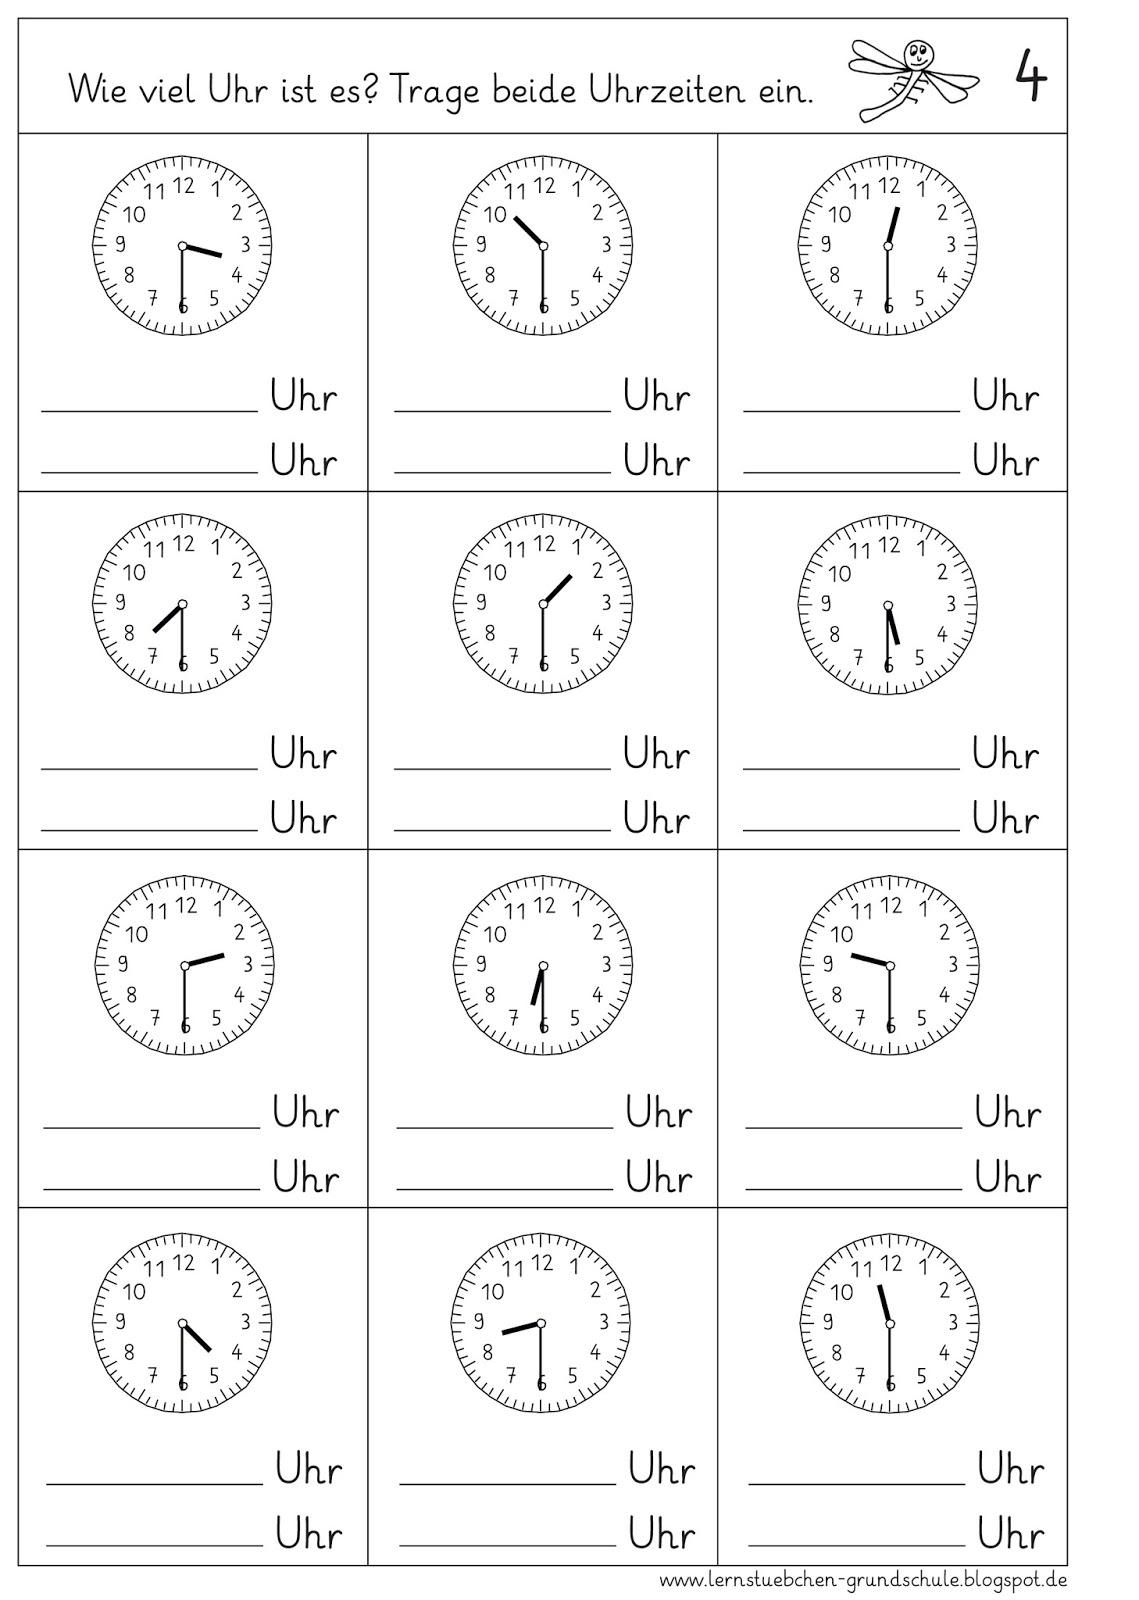 Arbeitsblatt Uhrzeiten Ablesen : Lernstübchen uhrzeiten ablesen halbe stunden